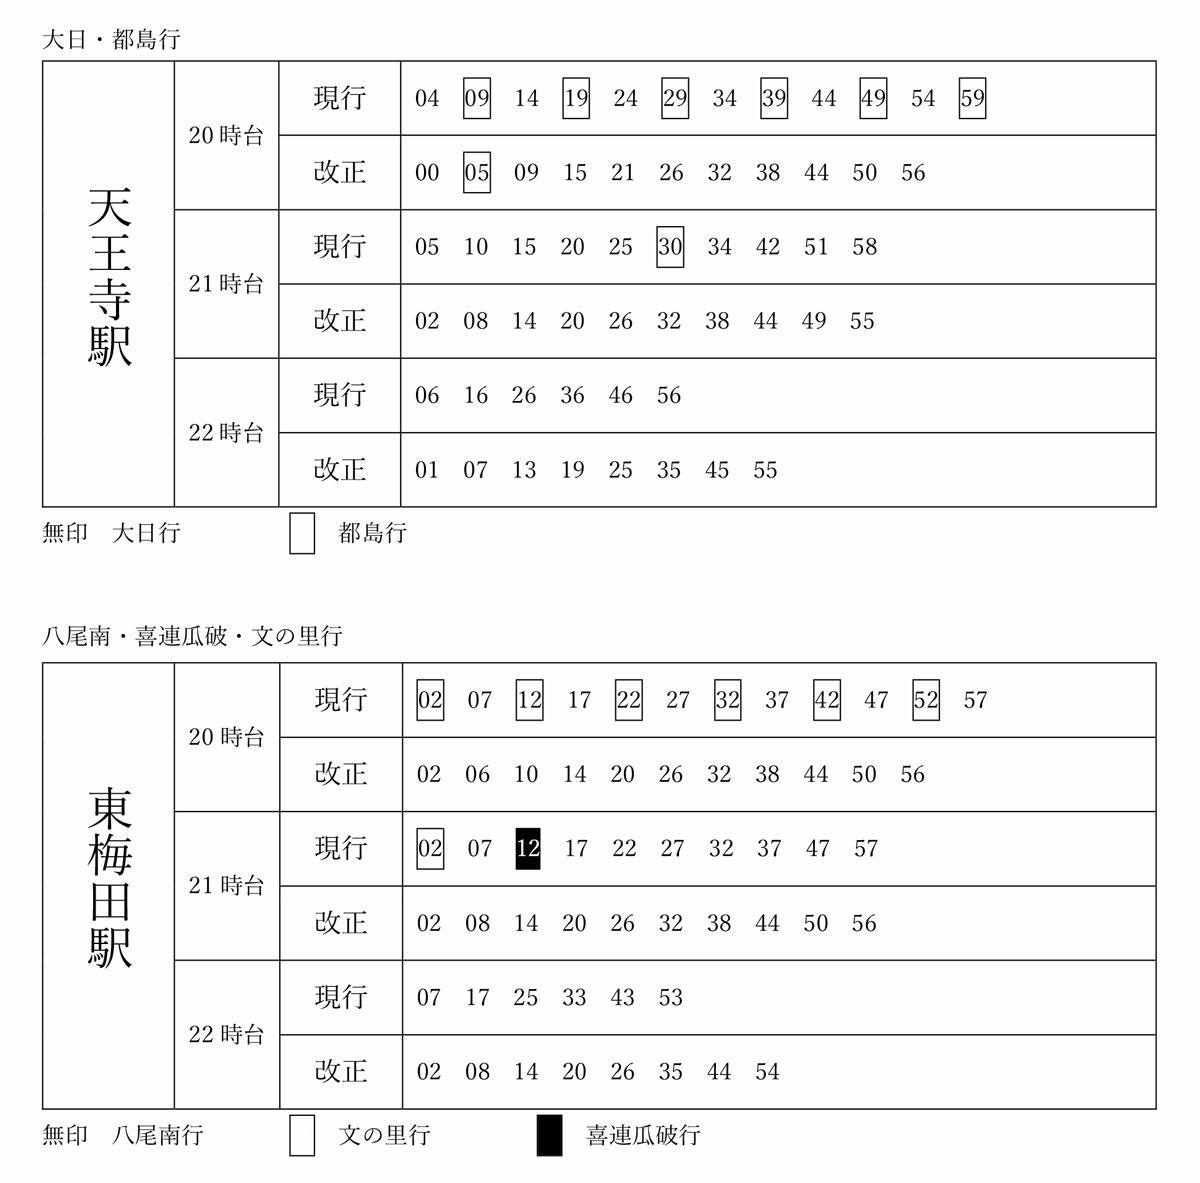 大阪メトロ 中央線 時刻表